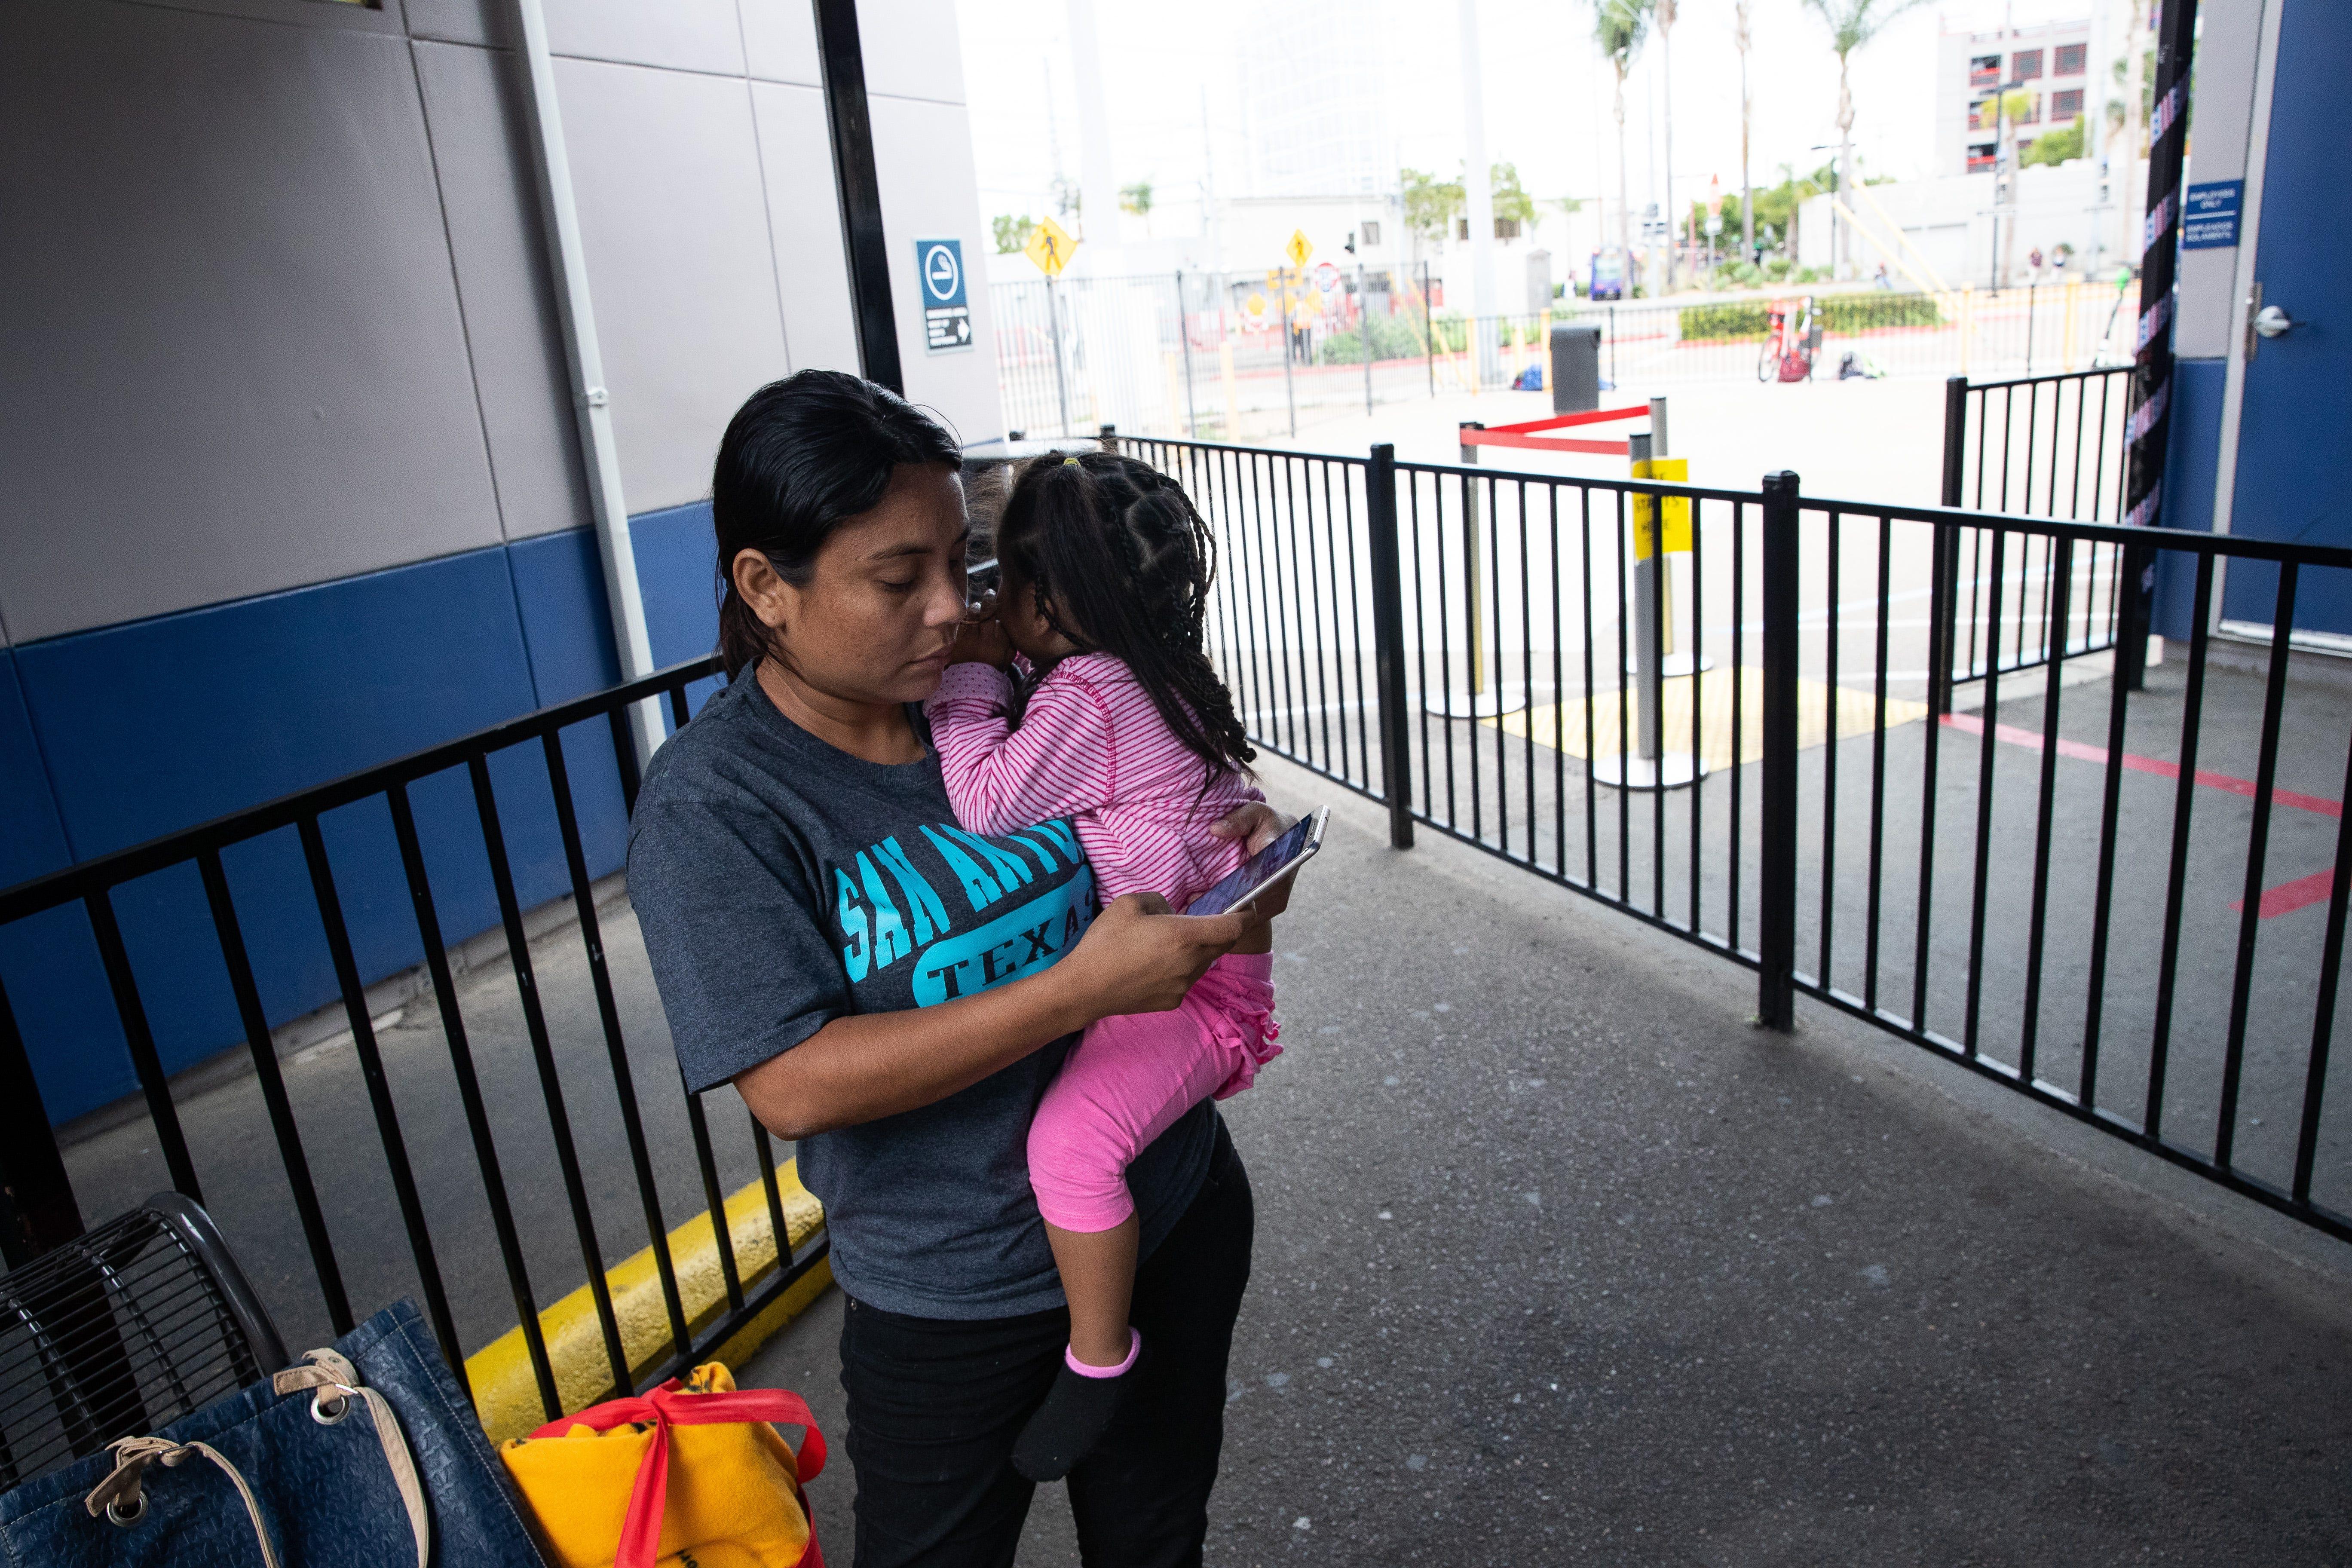 SAN DIEGO, Calif.  – Delmy López, 31, un migrante hondureña, le envía un mensaje de texto a su cuñado mientras carga en brazos a su hija de dos años, Perla, en la estación Greyhound al final de un viaje de dos días de San Antonio, Texas, a San Diego, el 29 de junio del 2019.